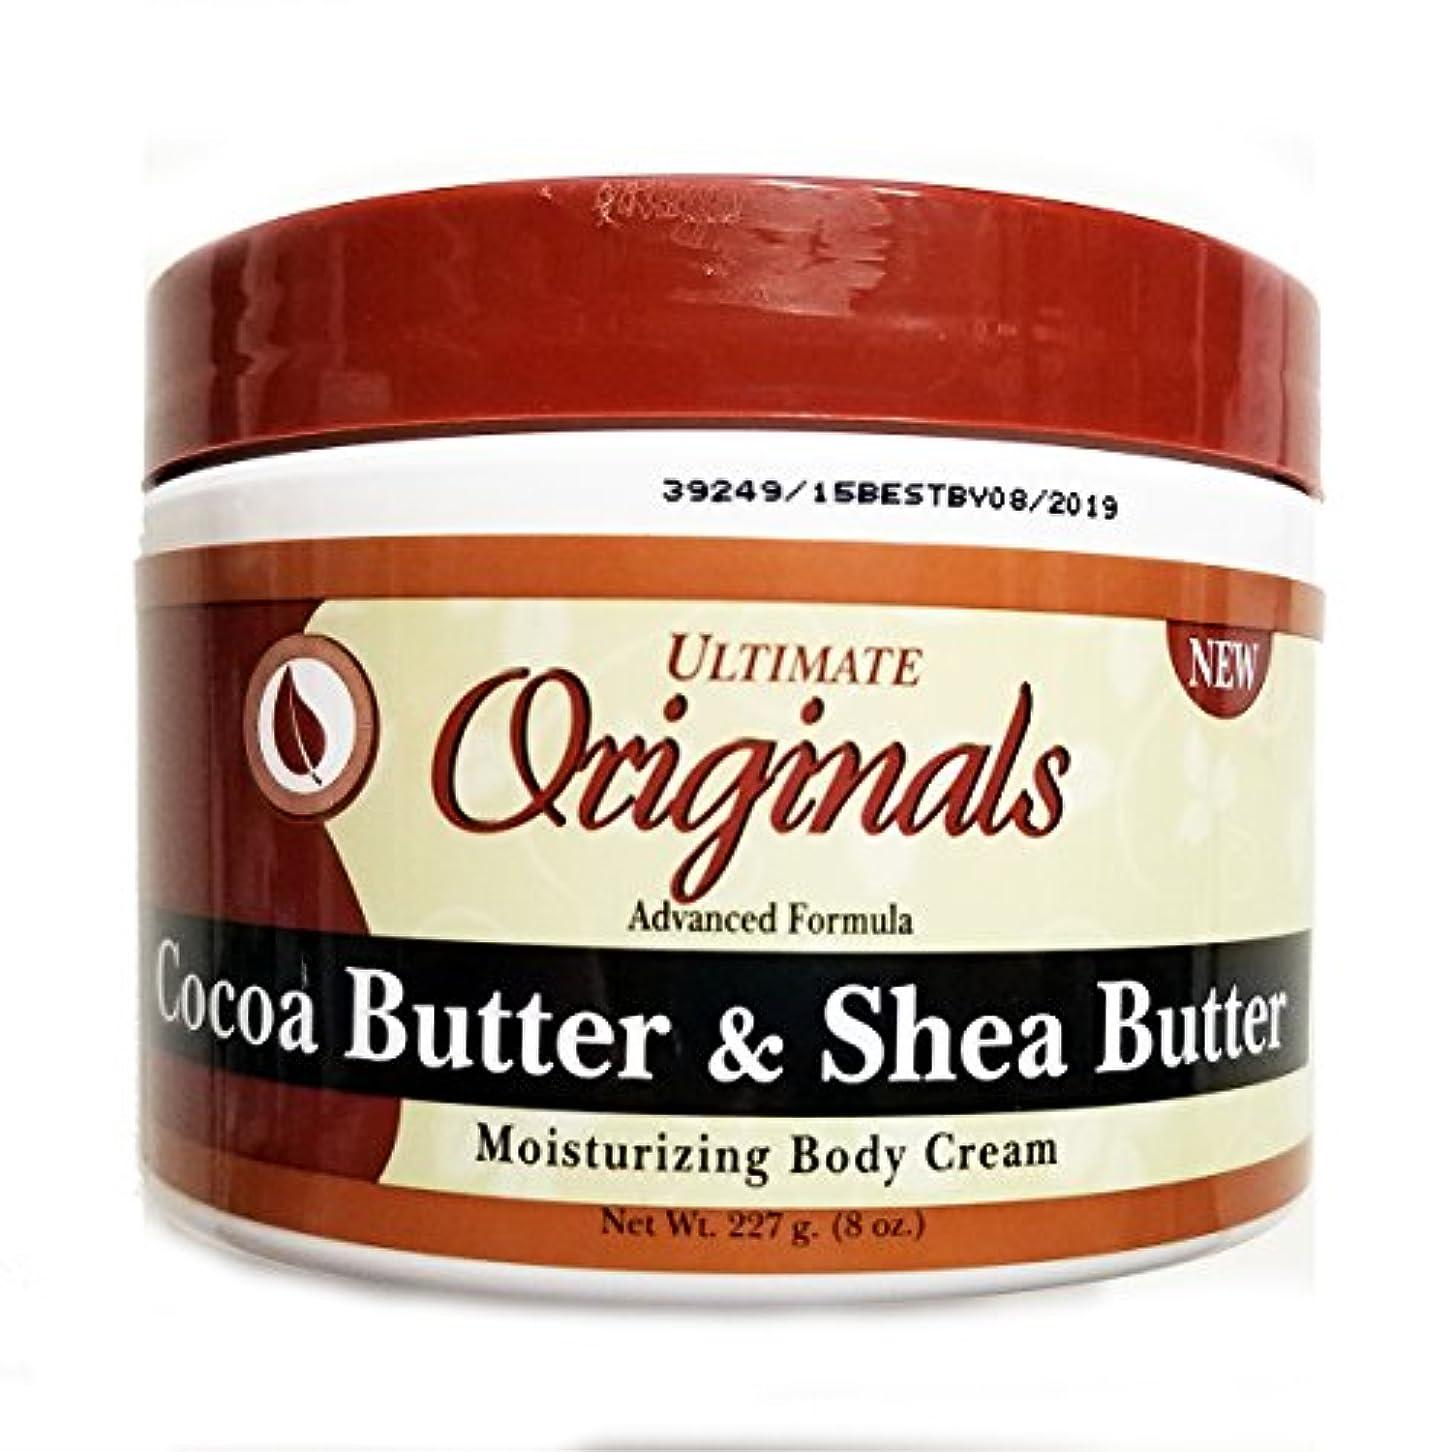 評価するサーカスその結果Ultimate Organics Cocoa Butter & Shea Butter Body Cream 235 ml (並行輸入品)